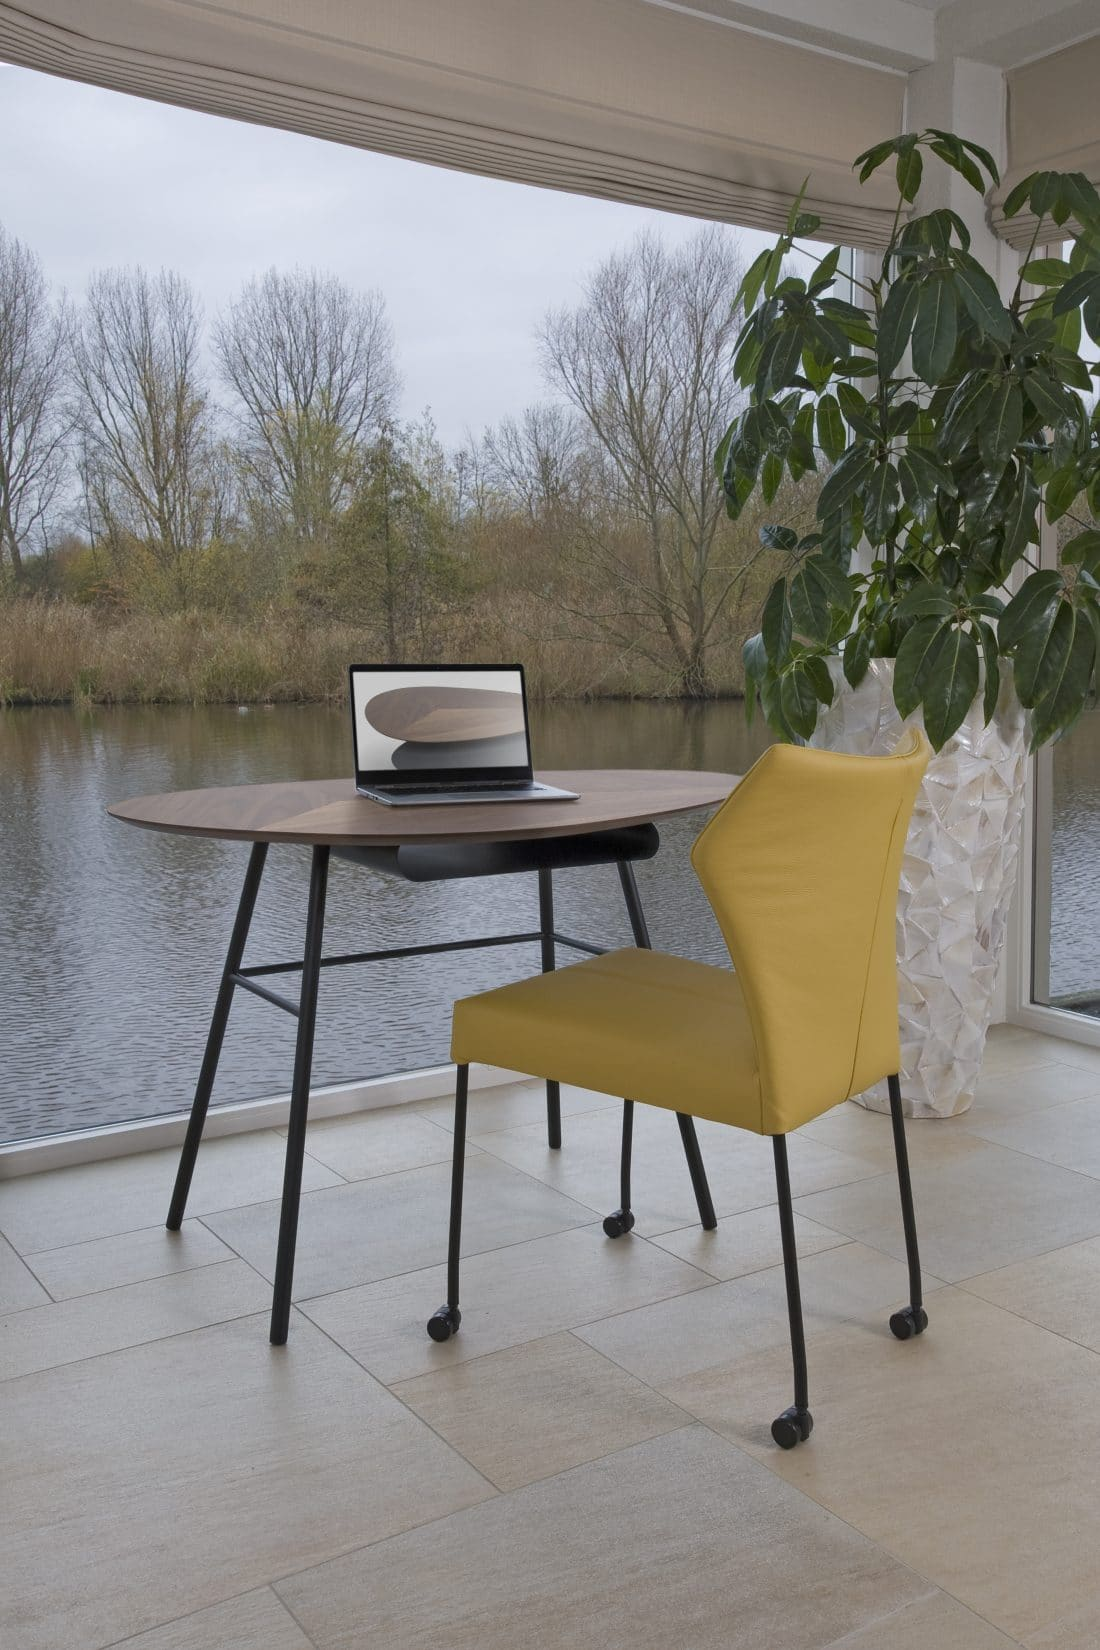 thuiswerkplek-woonkamer-bureautafeltje-twinny-desk-eetkamerstoel-fly